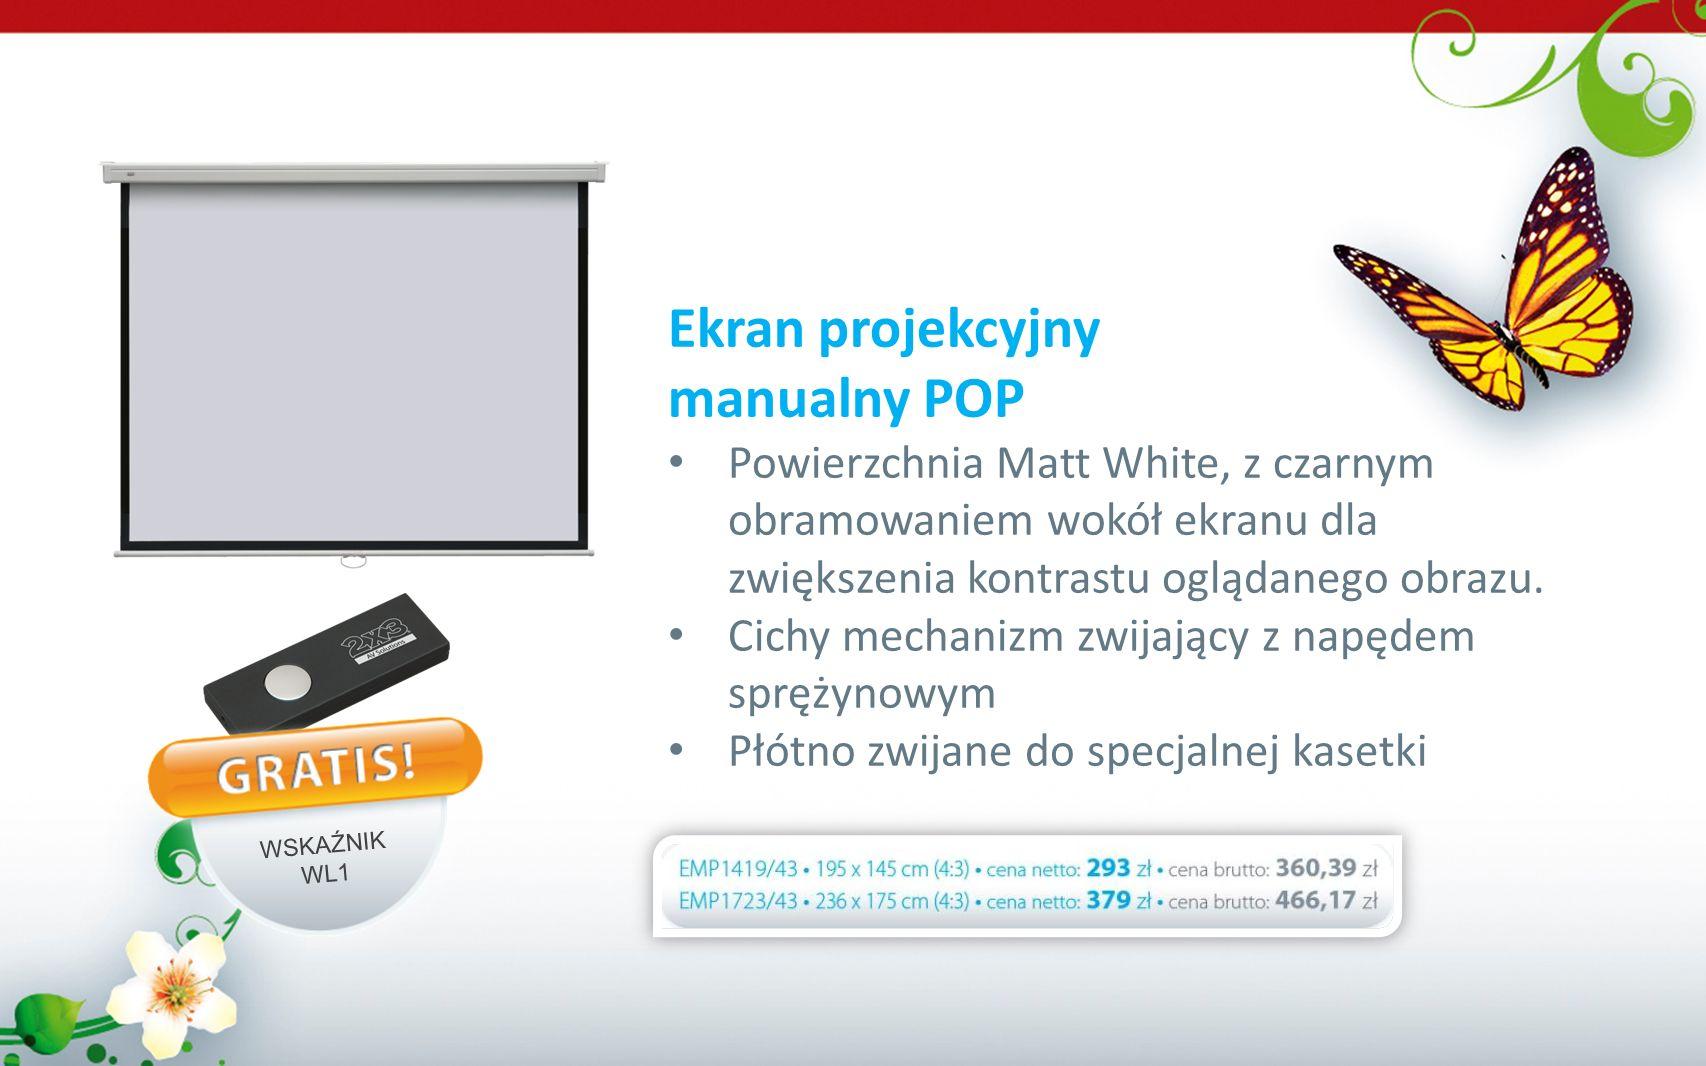 Ekran projekcyjny manualny POP